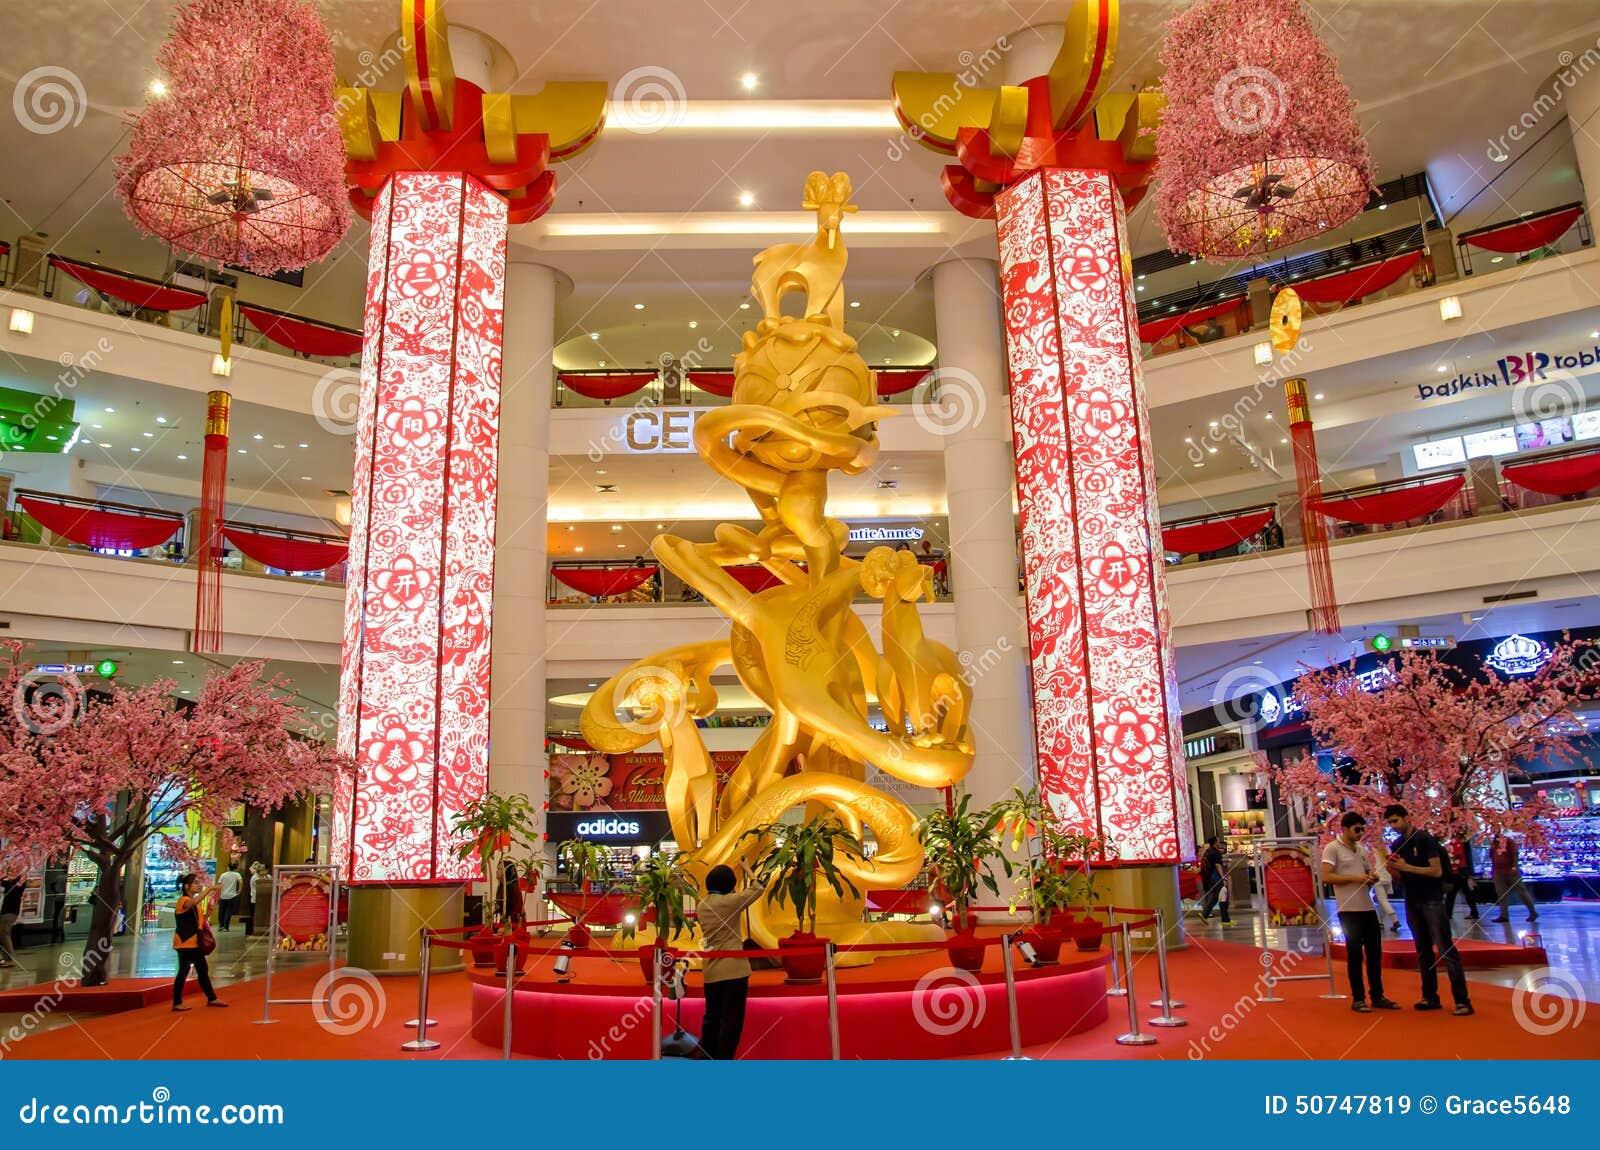 Chinese new year decoration in berjaya times squarekuala lumpur kuala lumpurmalaysia february 262015 decoration of the chinese new year in the centre court of the berjaya times squarekuala lumpur publicscrutiny Images